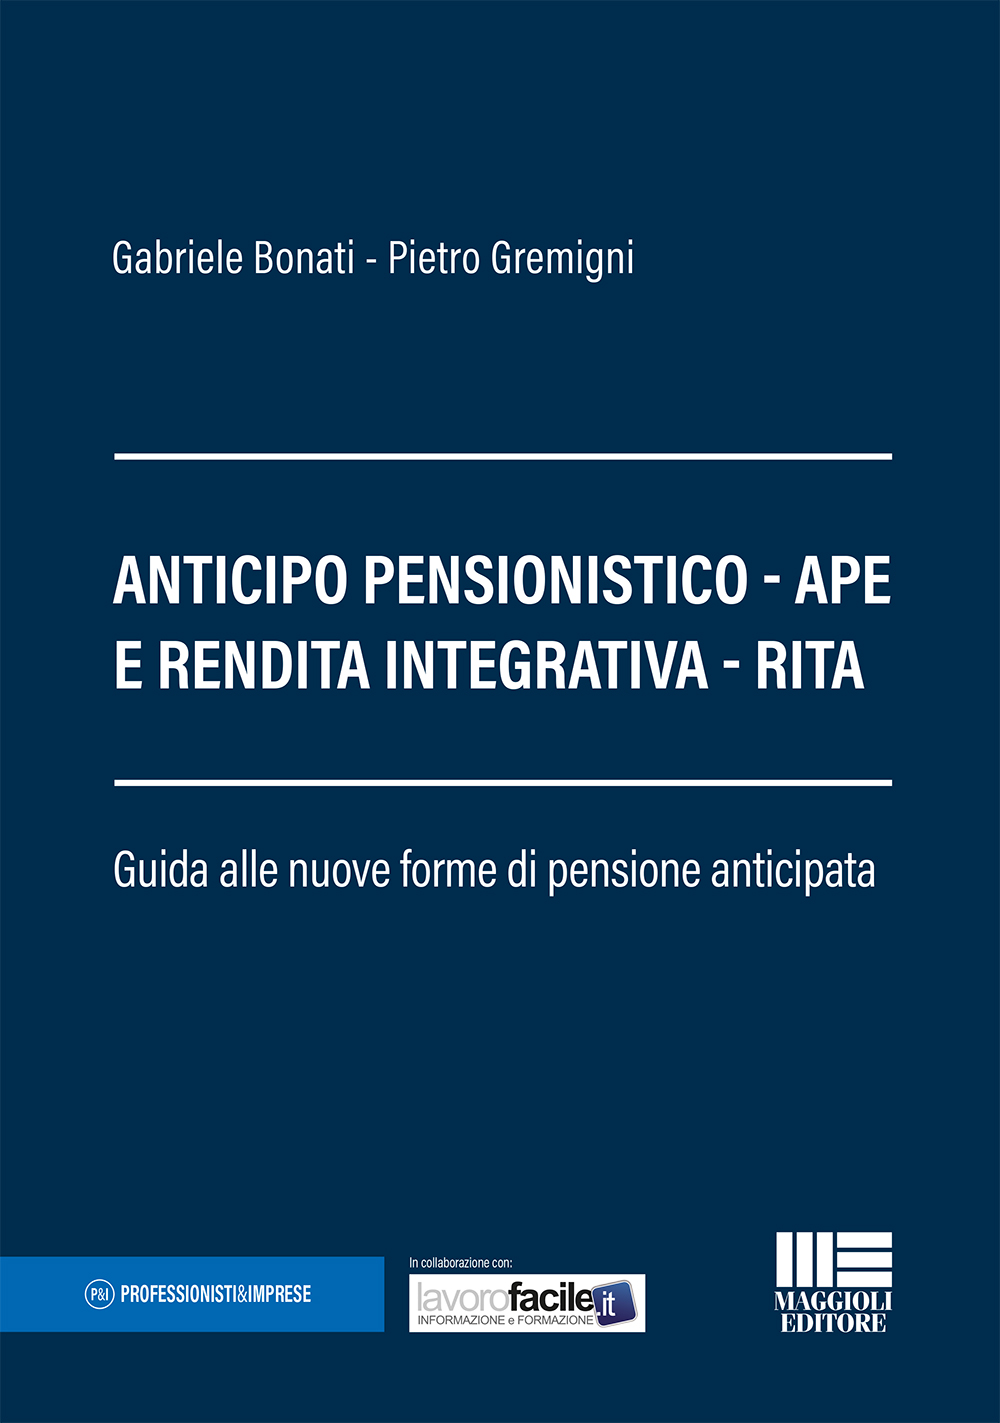 Anticipo pensionistico - APE e Rendita Integrativa - RI